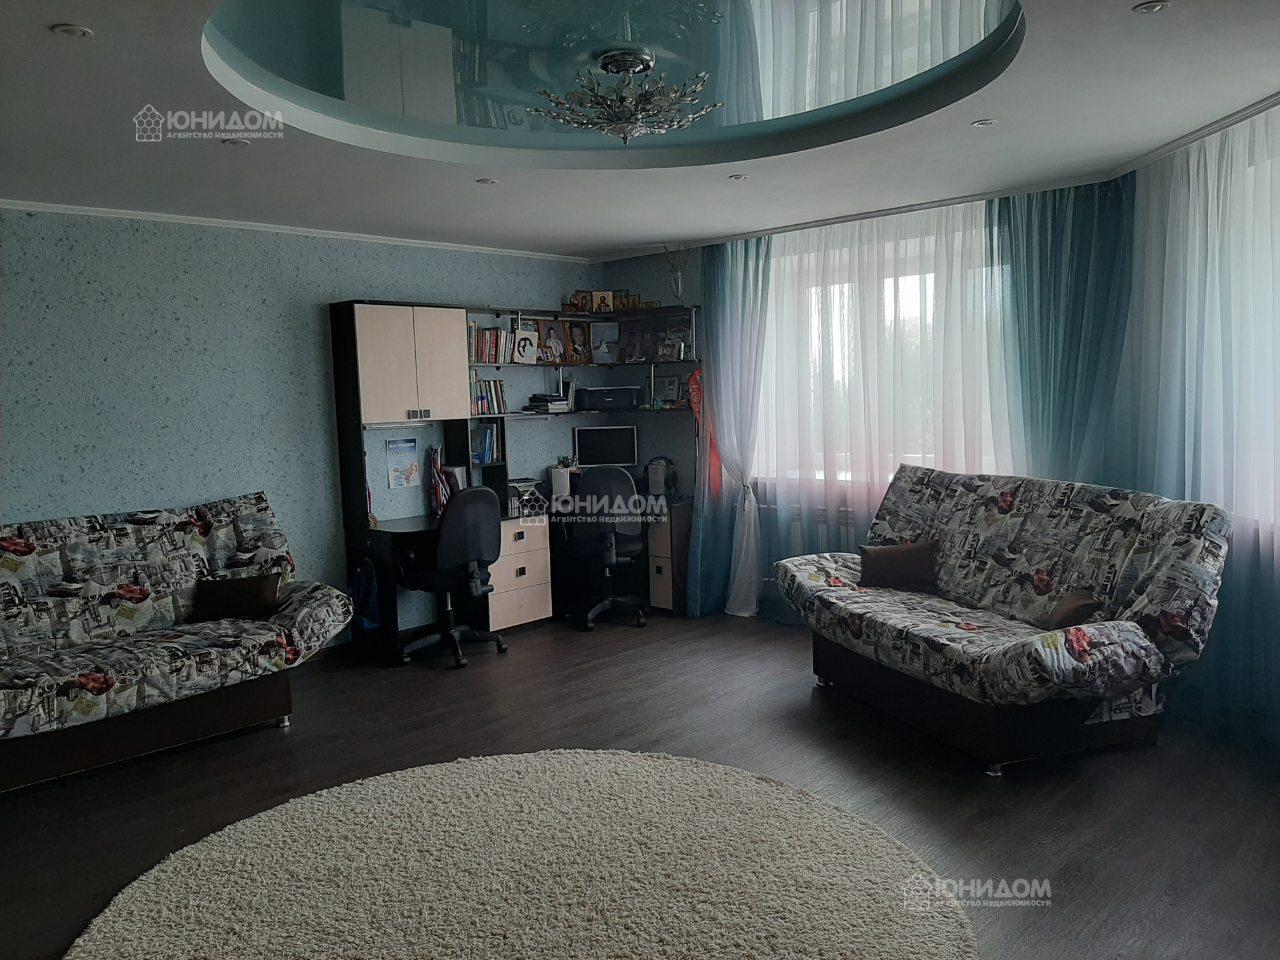 Продам инд по адресу Россия, Тюменская область, Тюмень, Мелиораторов, 1 фото 1 по выгодной цене